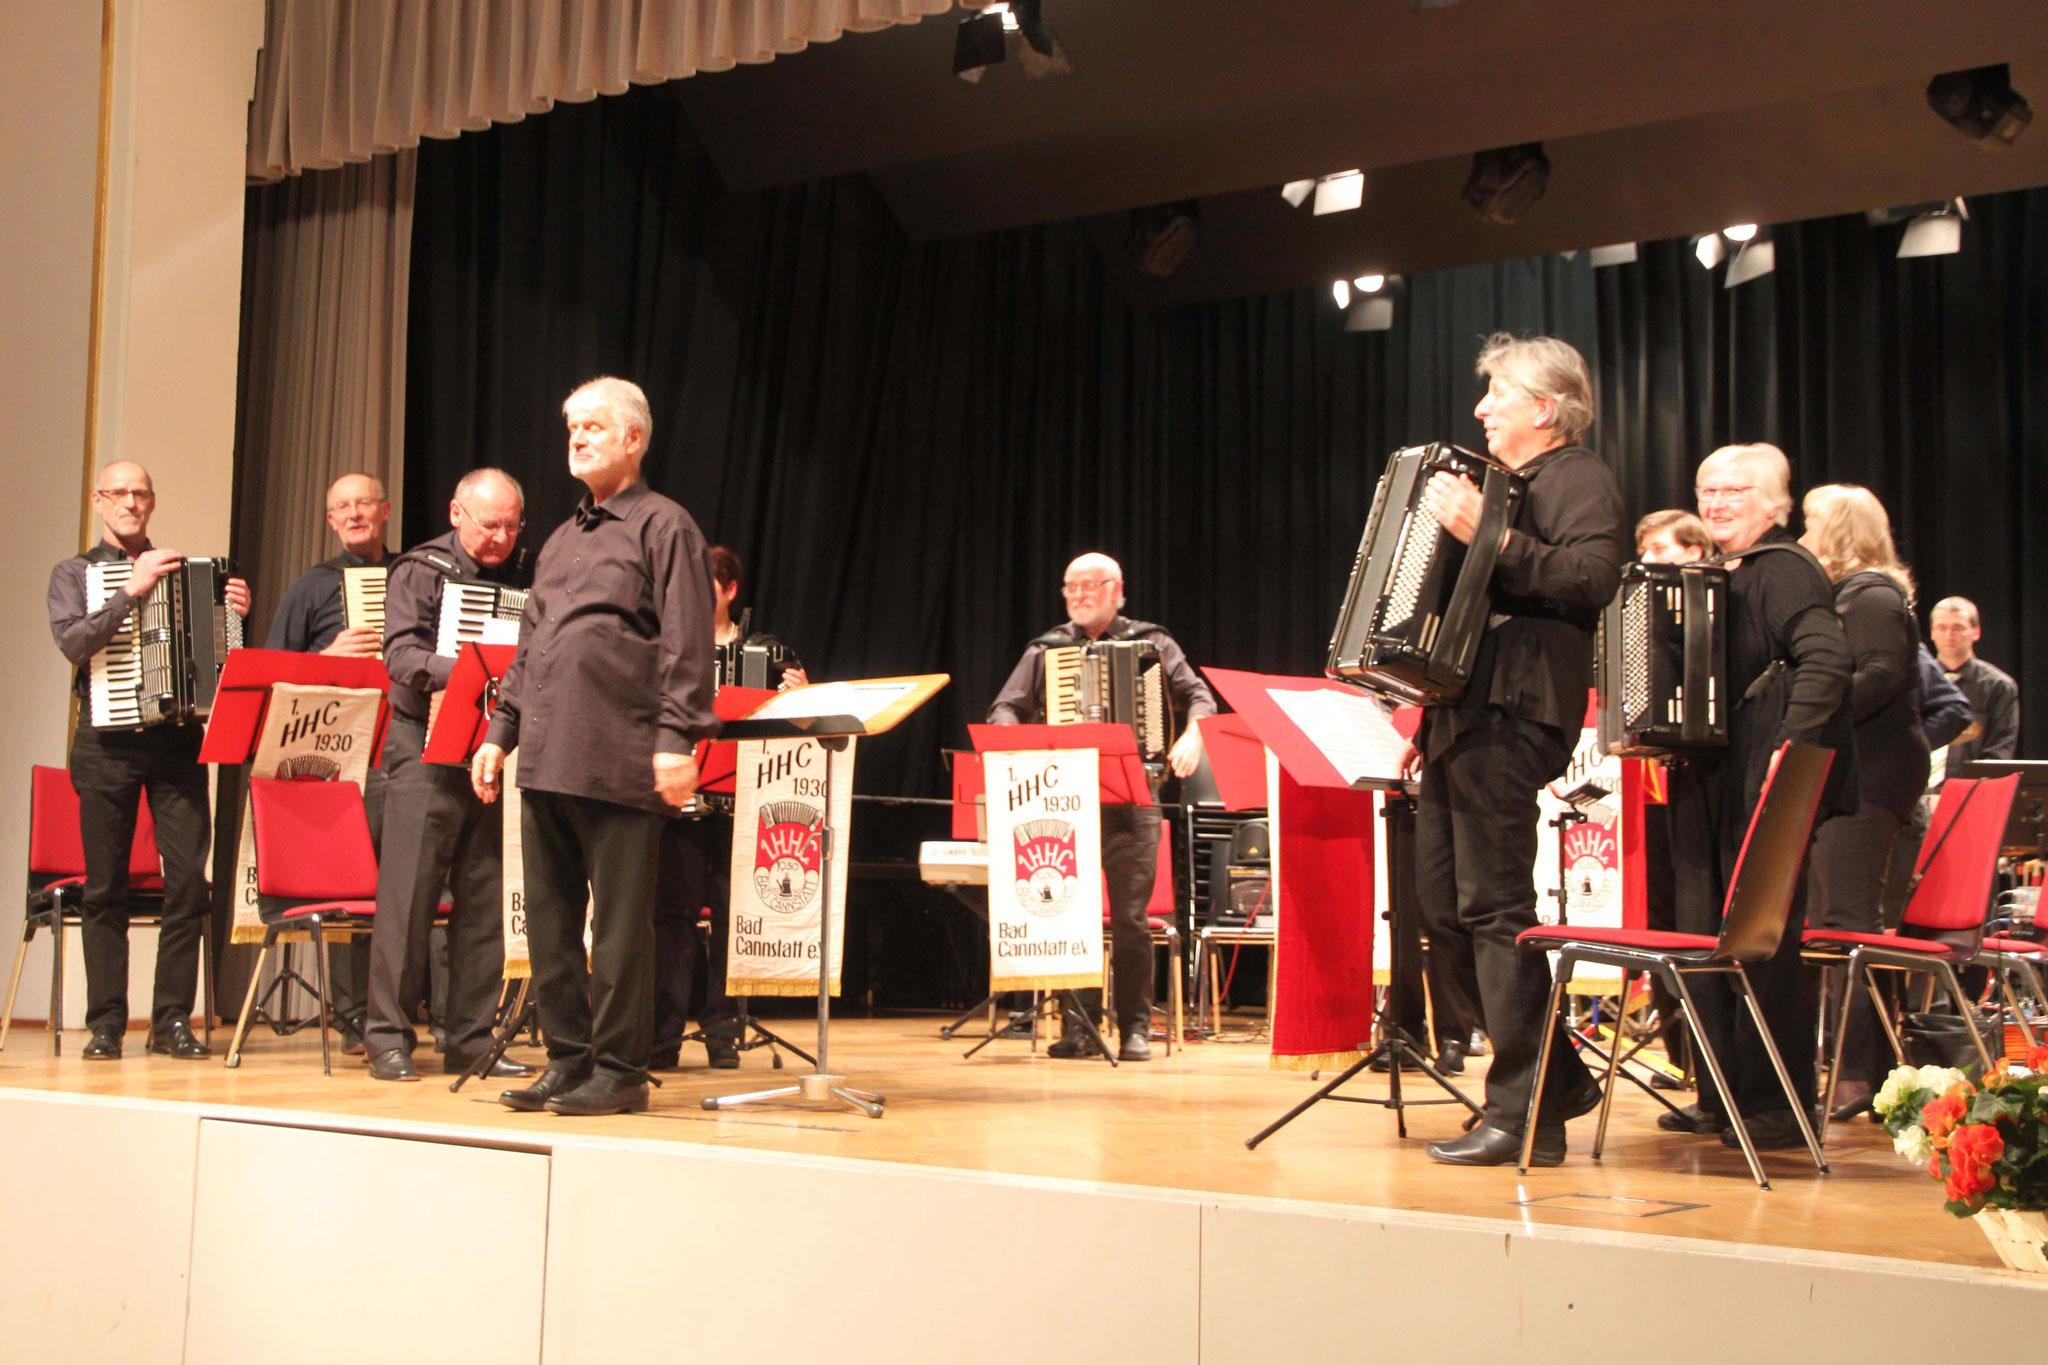 Der 1. Handharmonika-Club unter Leitung von Walter Krebs spielte u.a. bekannte Gershwin-Melodien.